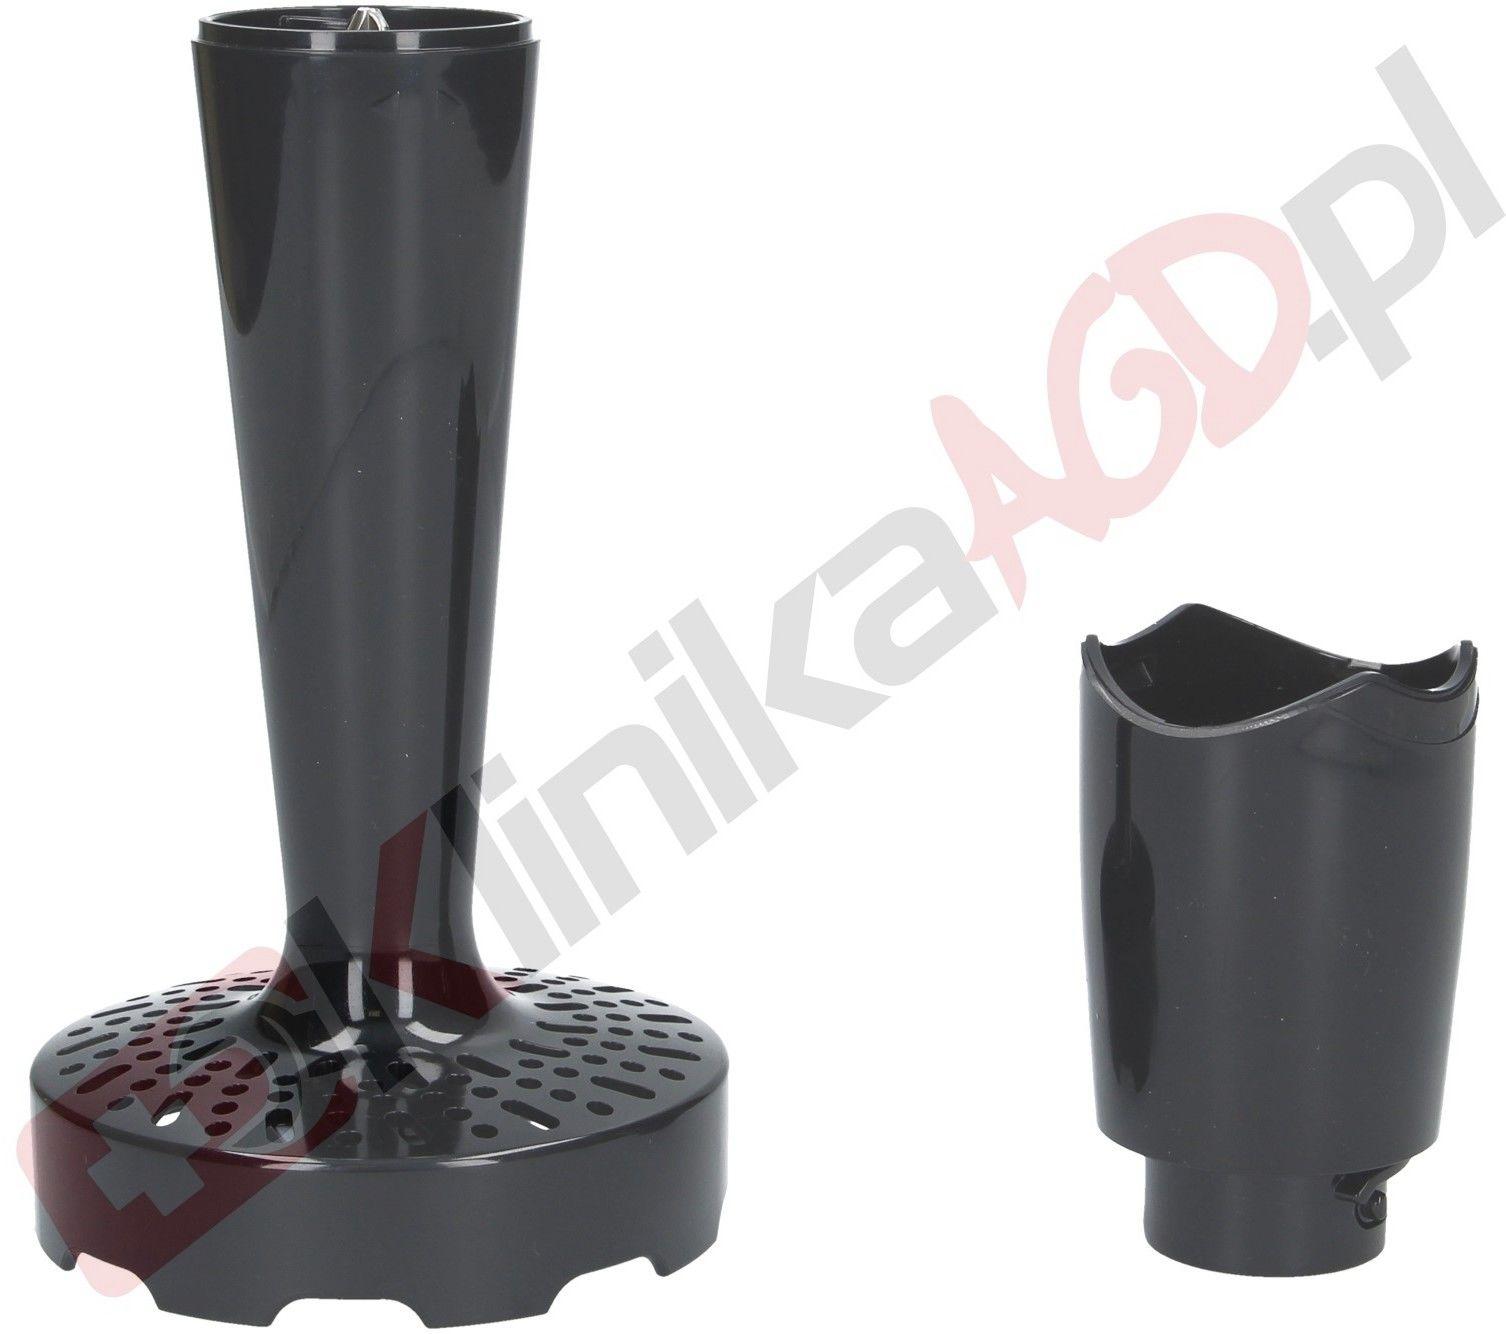 Braun Nasadka do puree + sprzęgło blendera ręcznego BR000169